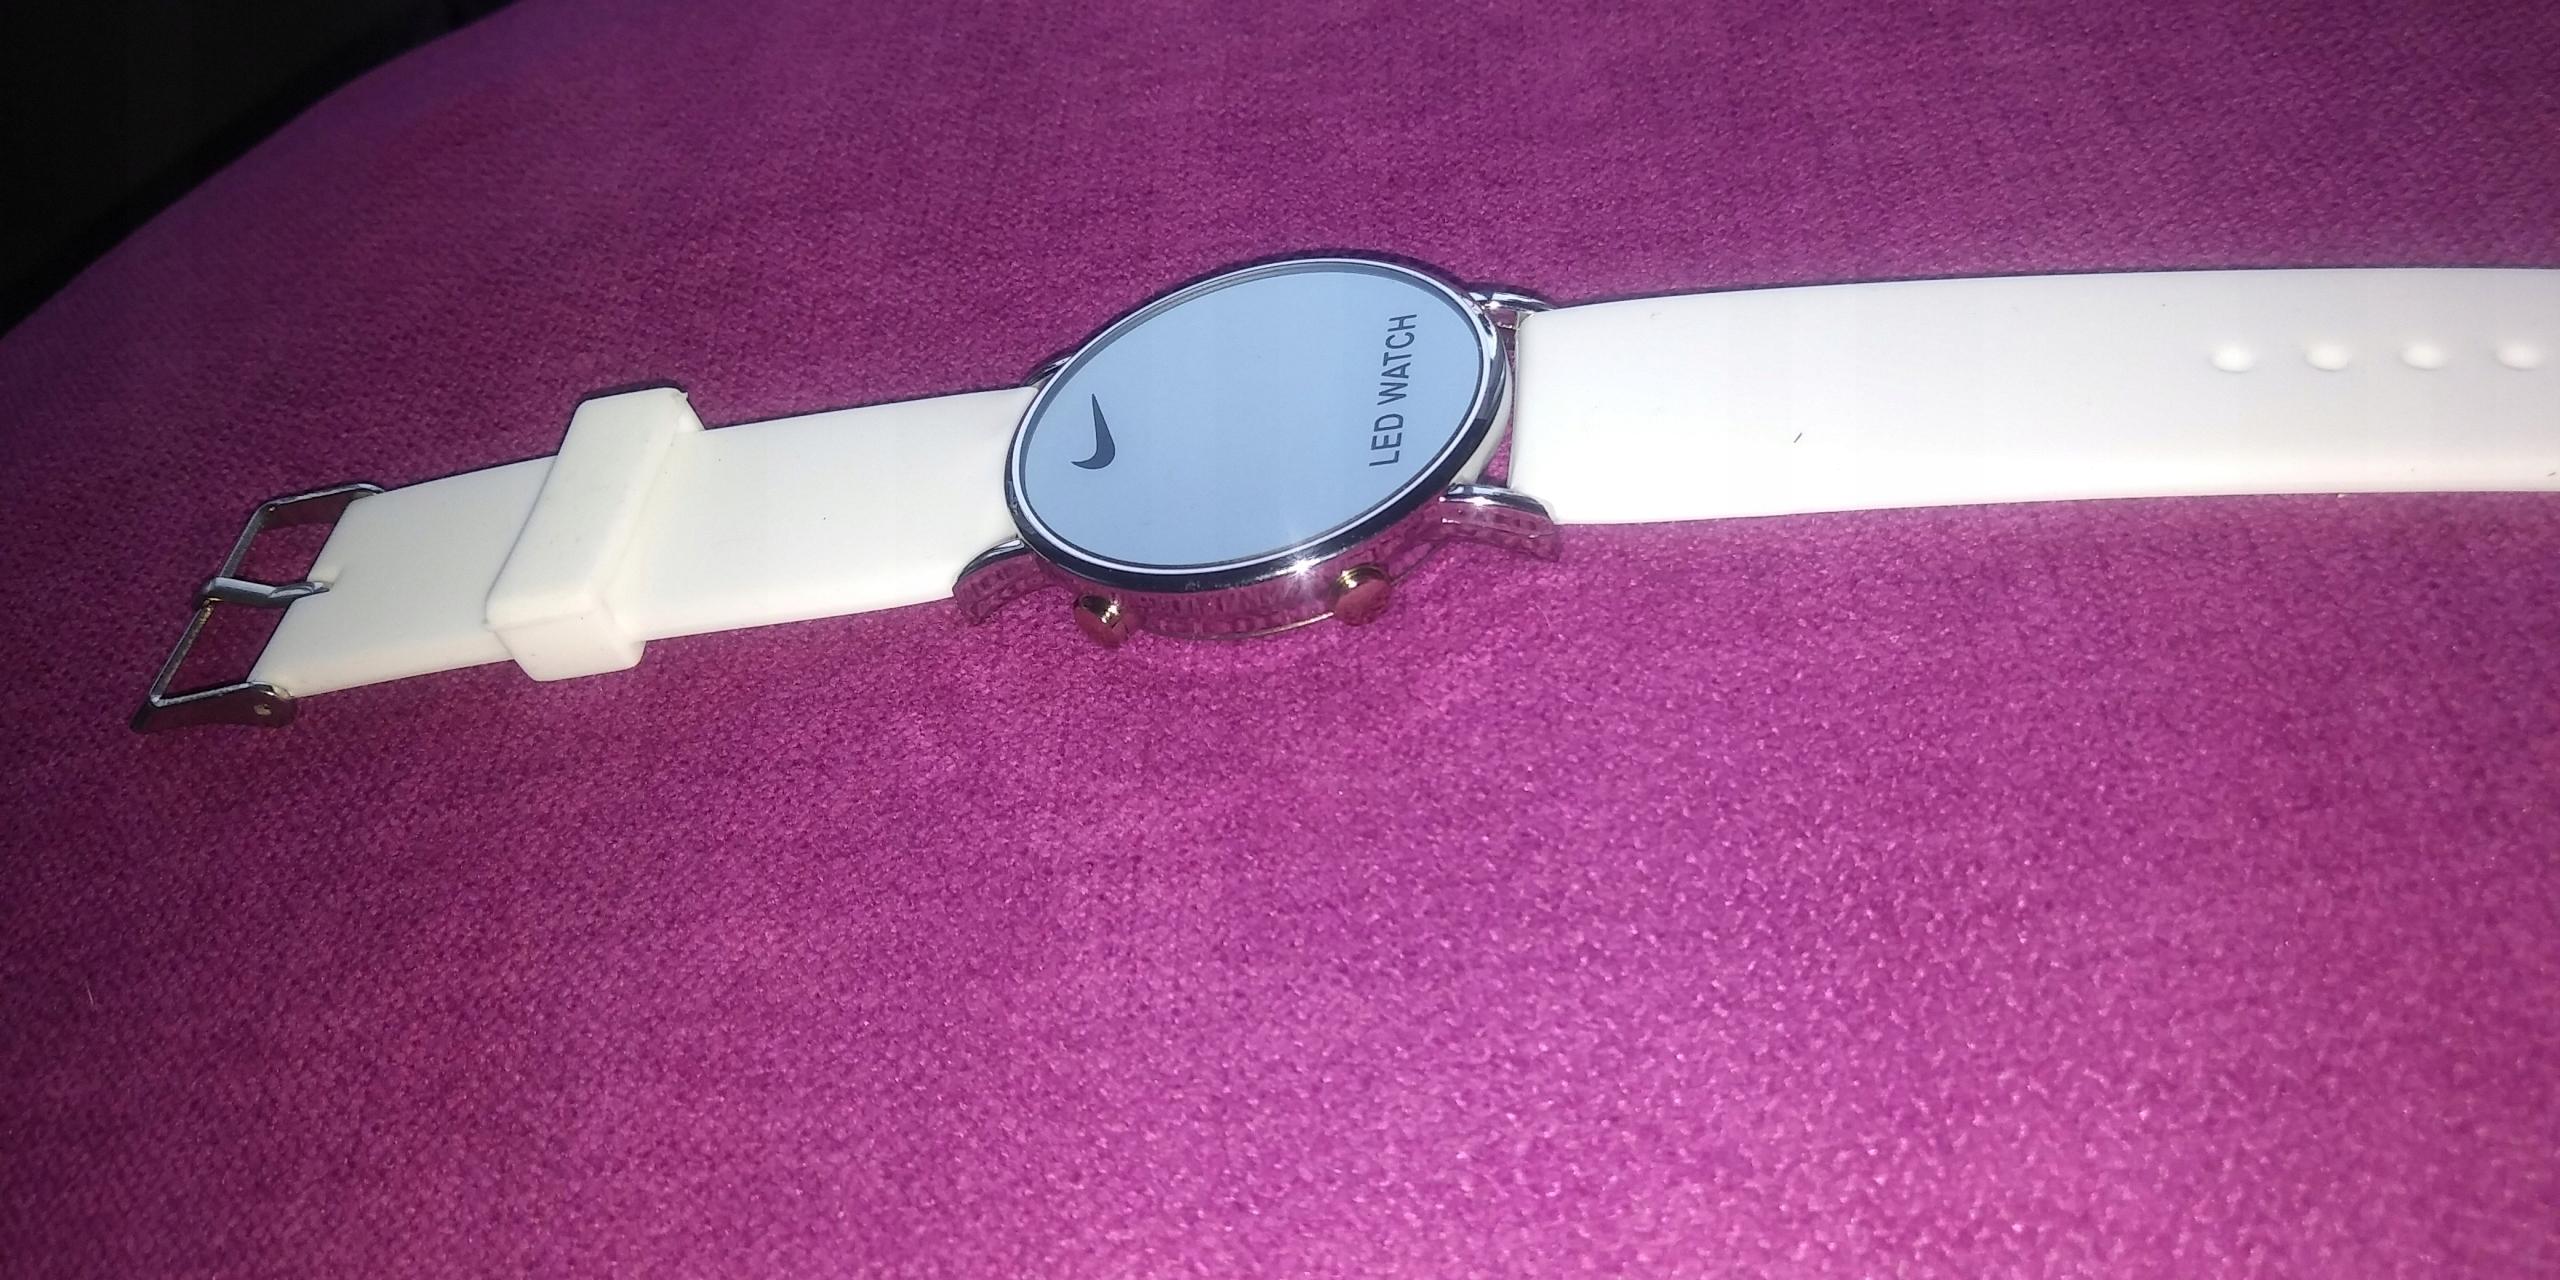 Młodzieńczy Zegarek NIKE Led Watch biały - 7501460800 - oficjalne archiwum allegro EJ84